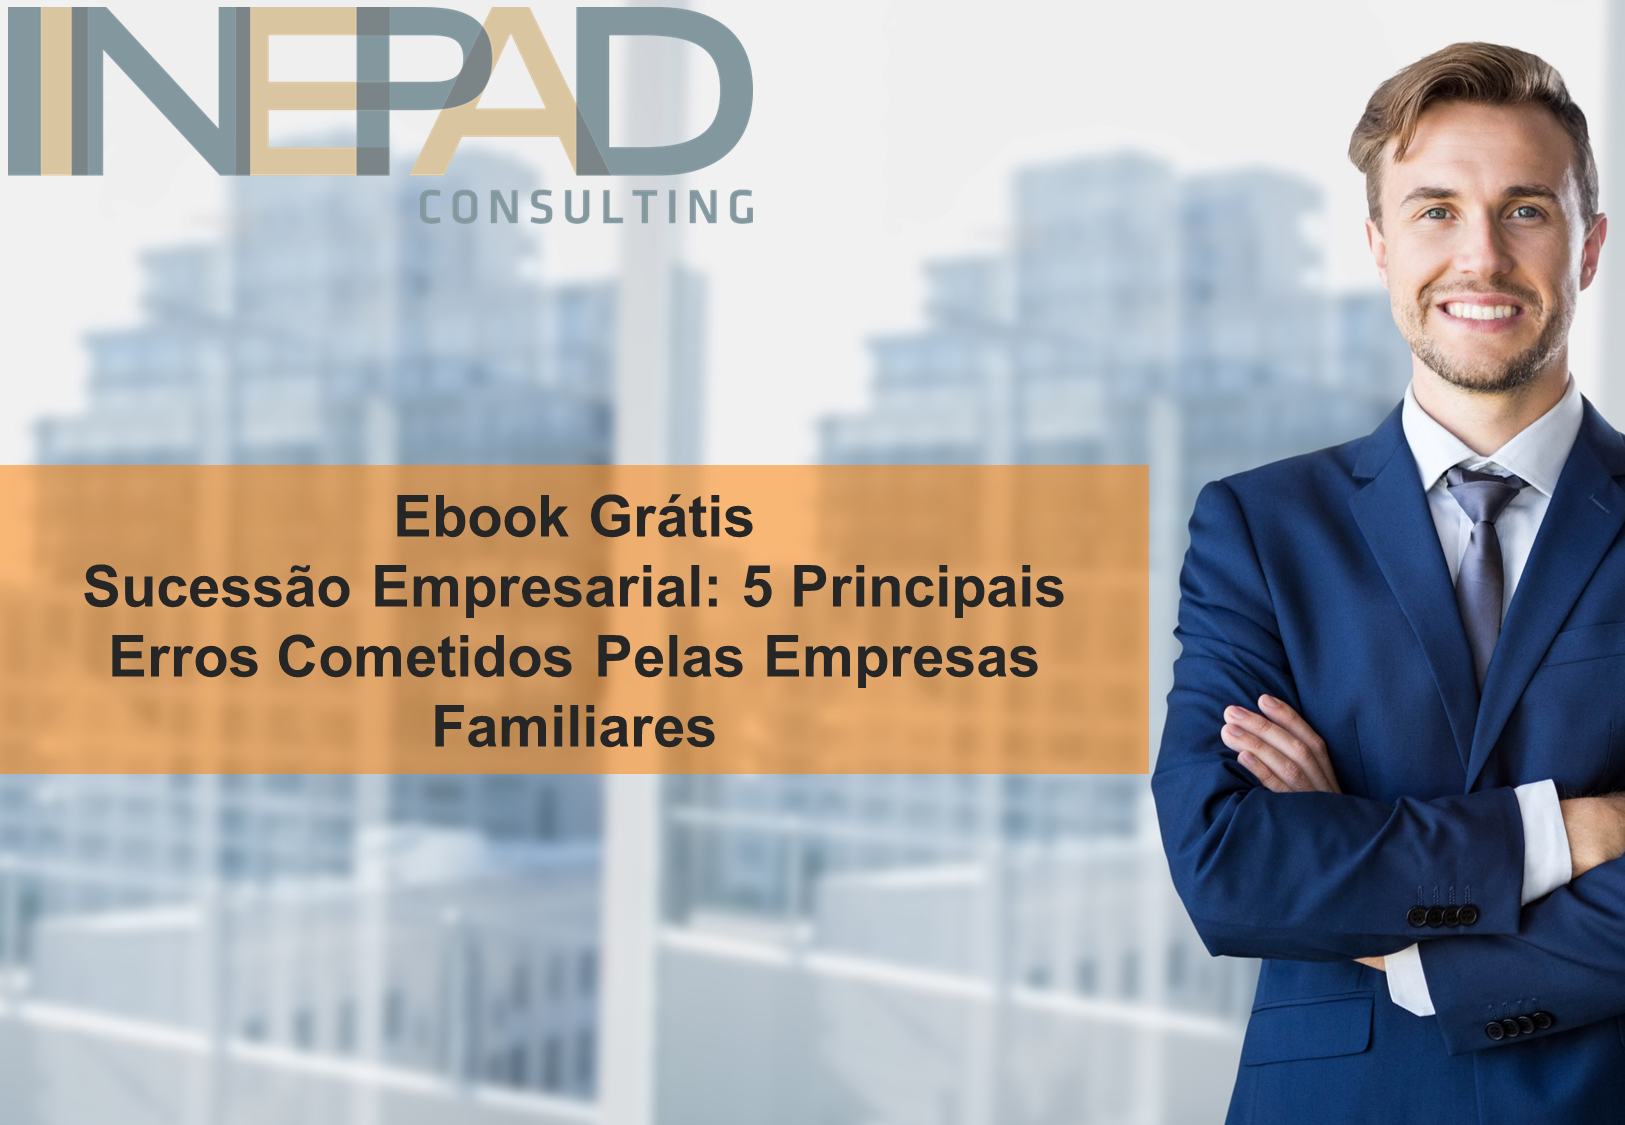 Ebook – Sucessão Empresarial: 5 Principais Erros Cometidos Pelas Empresas Familiares